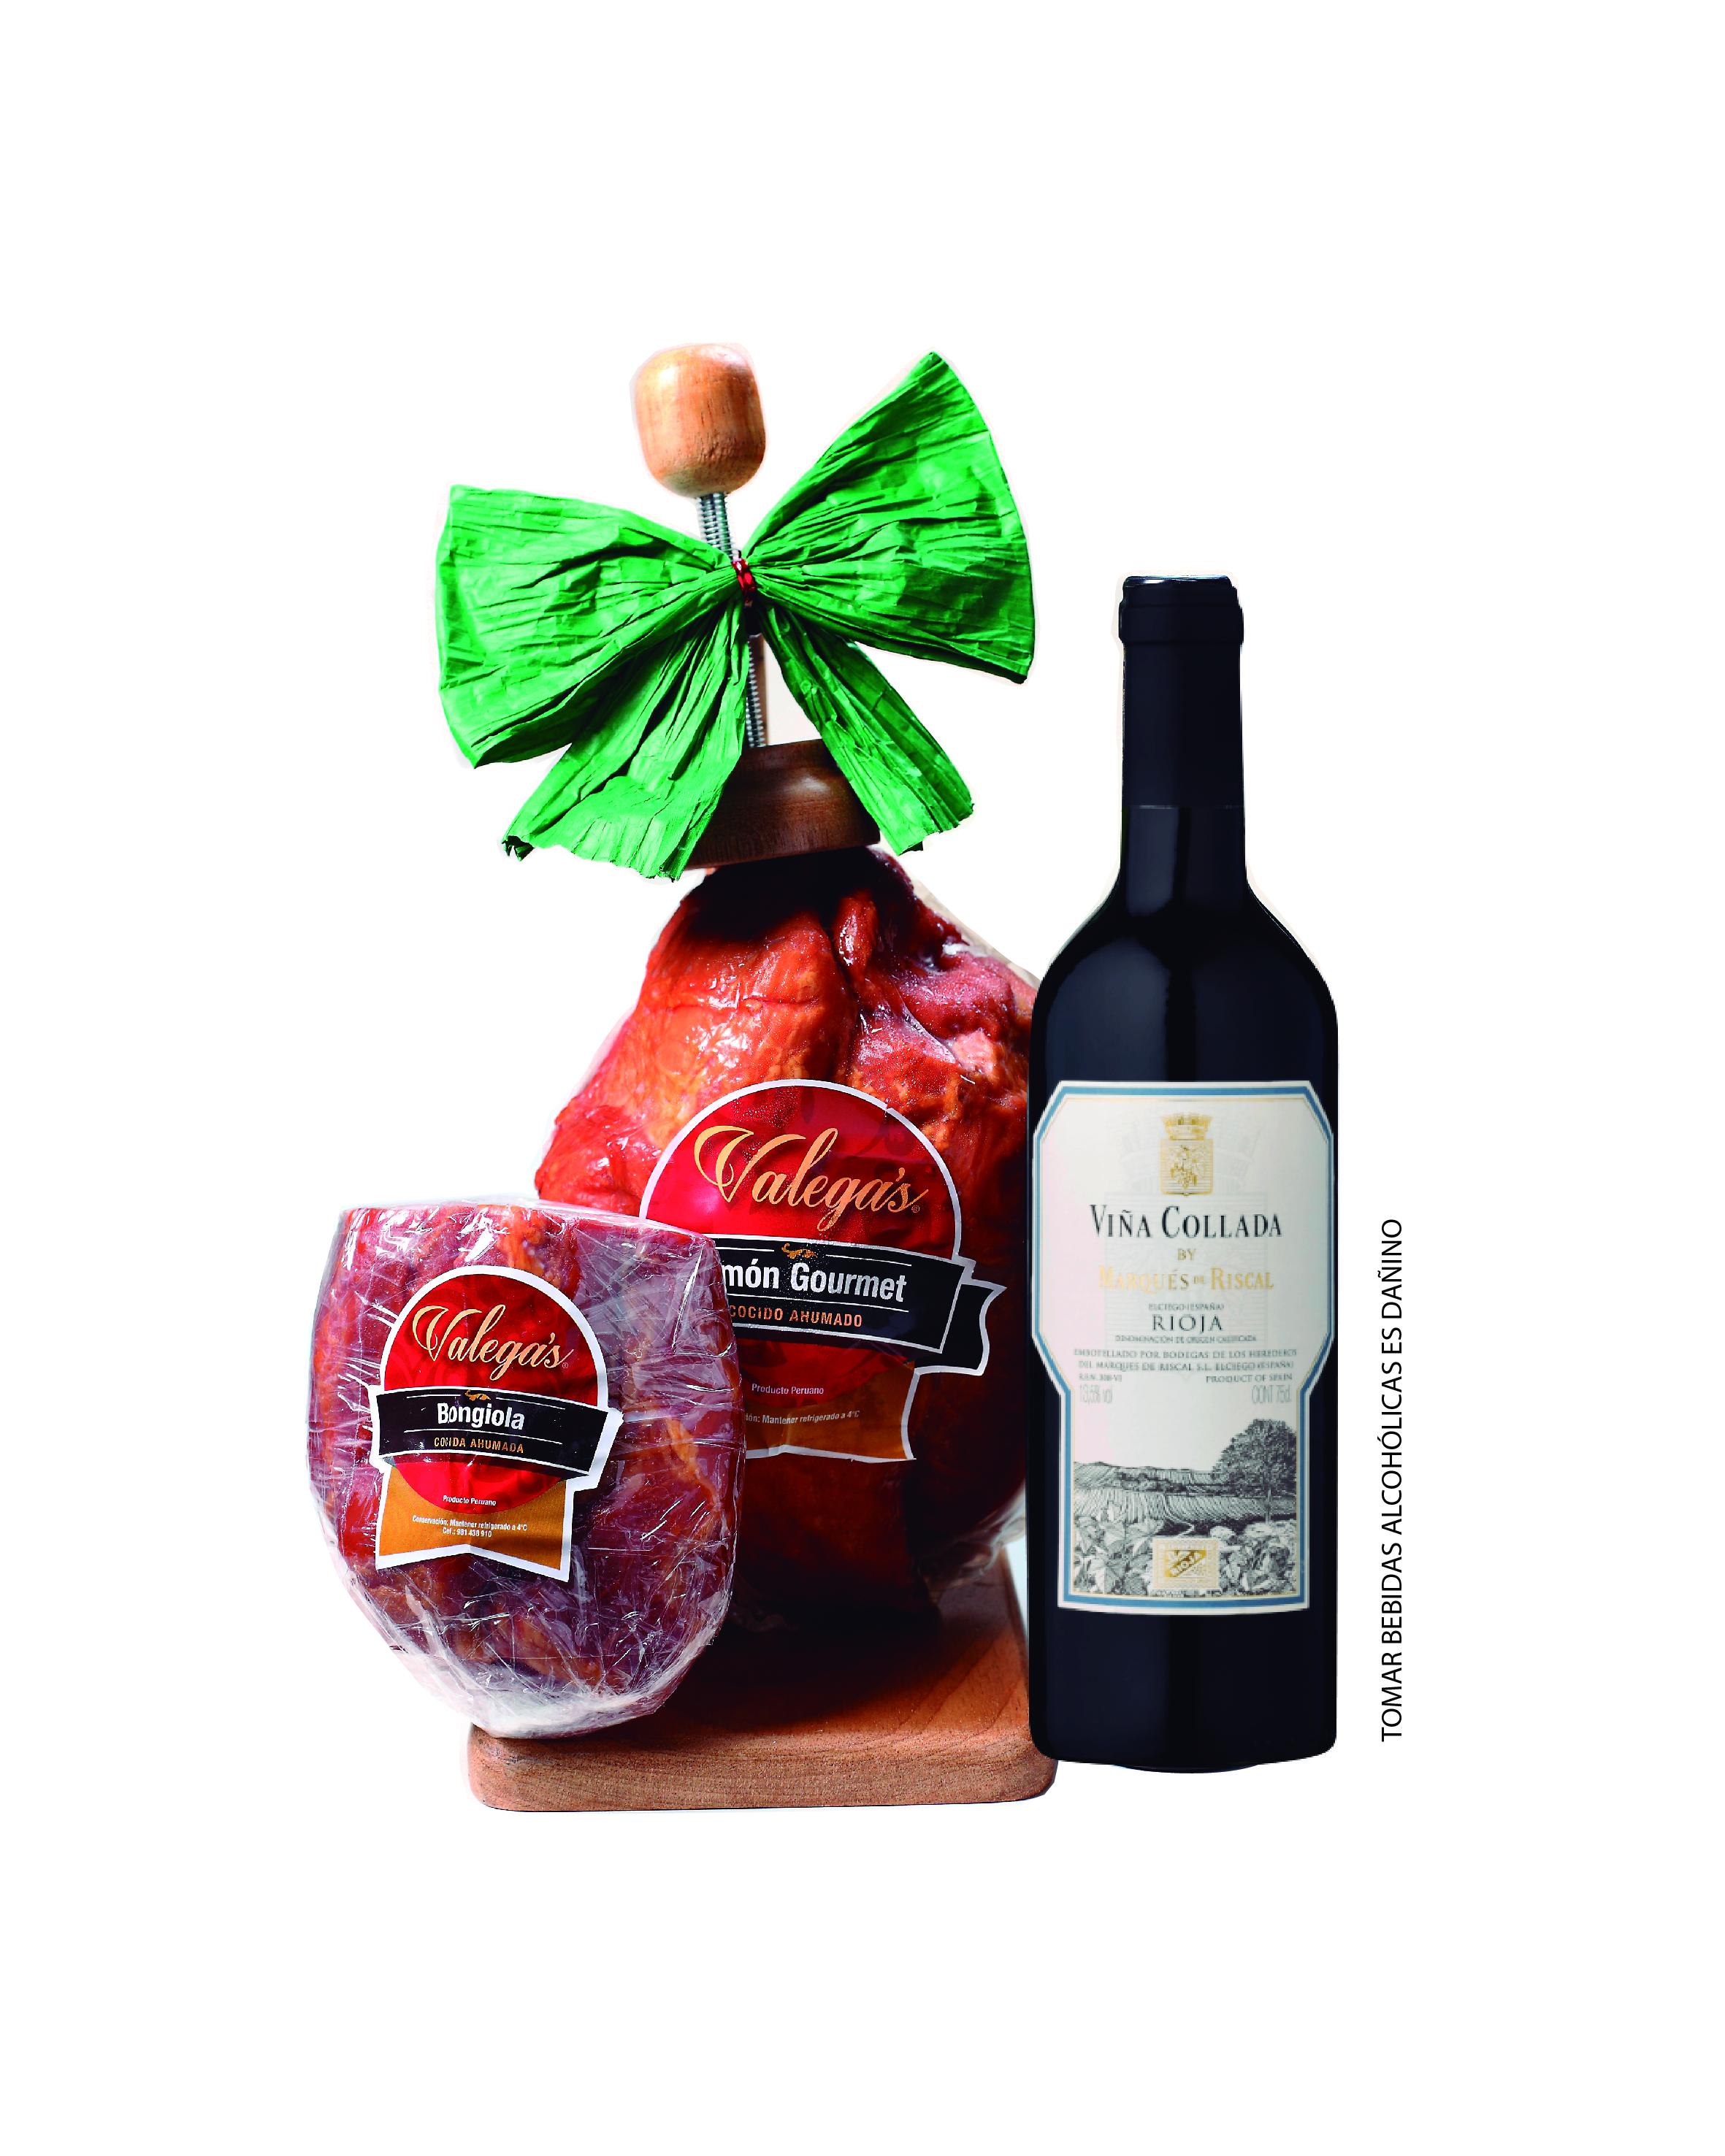 Jamón Gourmet de 2.7kg con parador de madera acompañado por un vino Rioja de Marqués del Riscal y una bongiola de 500gr